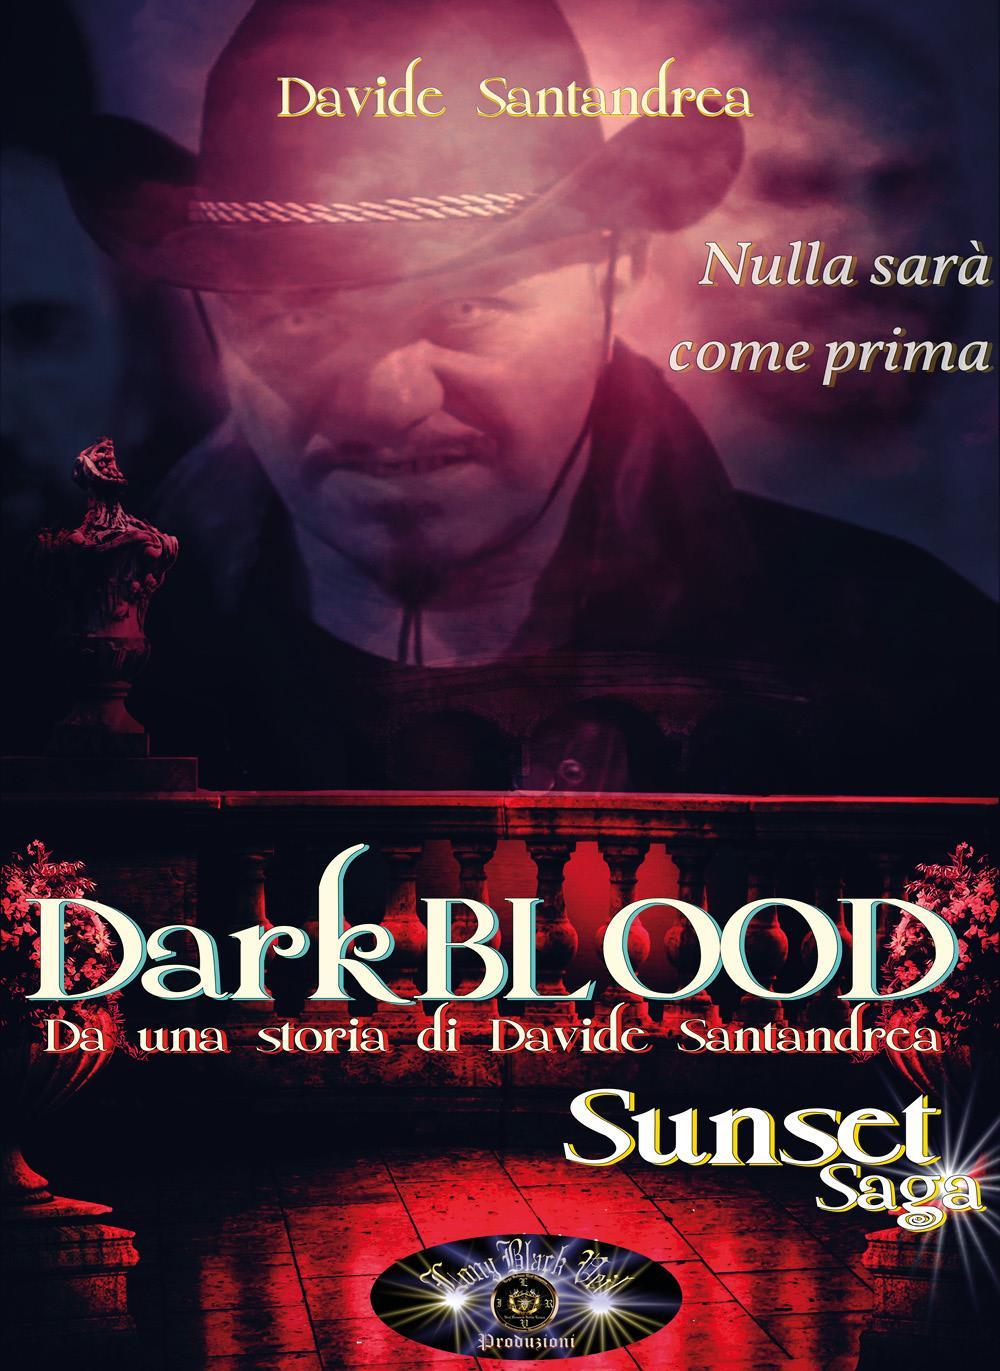 Darkblood - Il diario della bestia